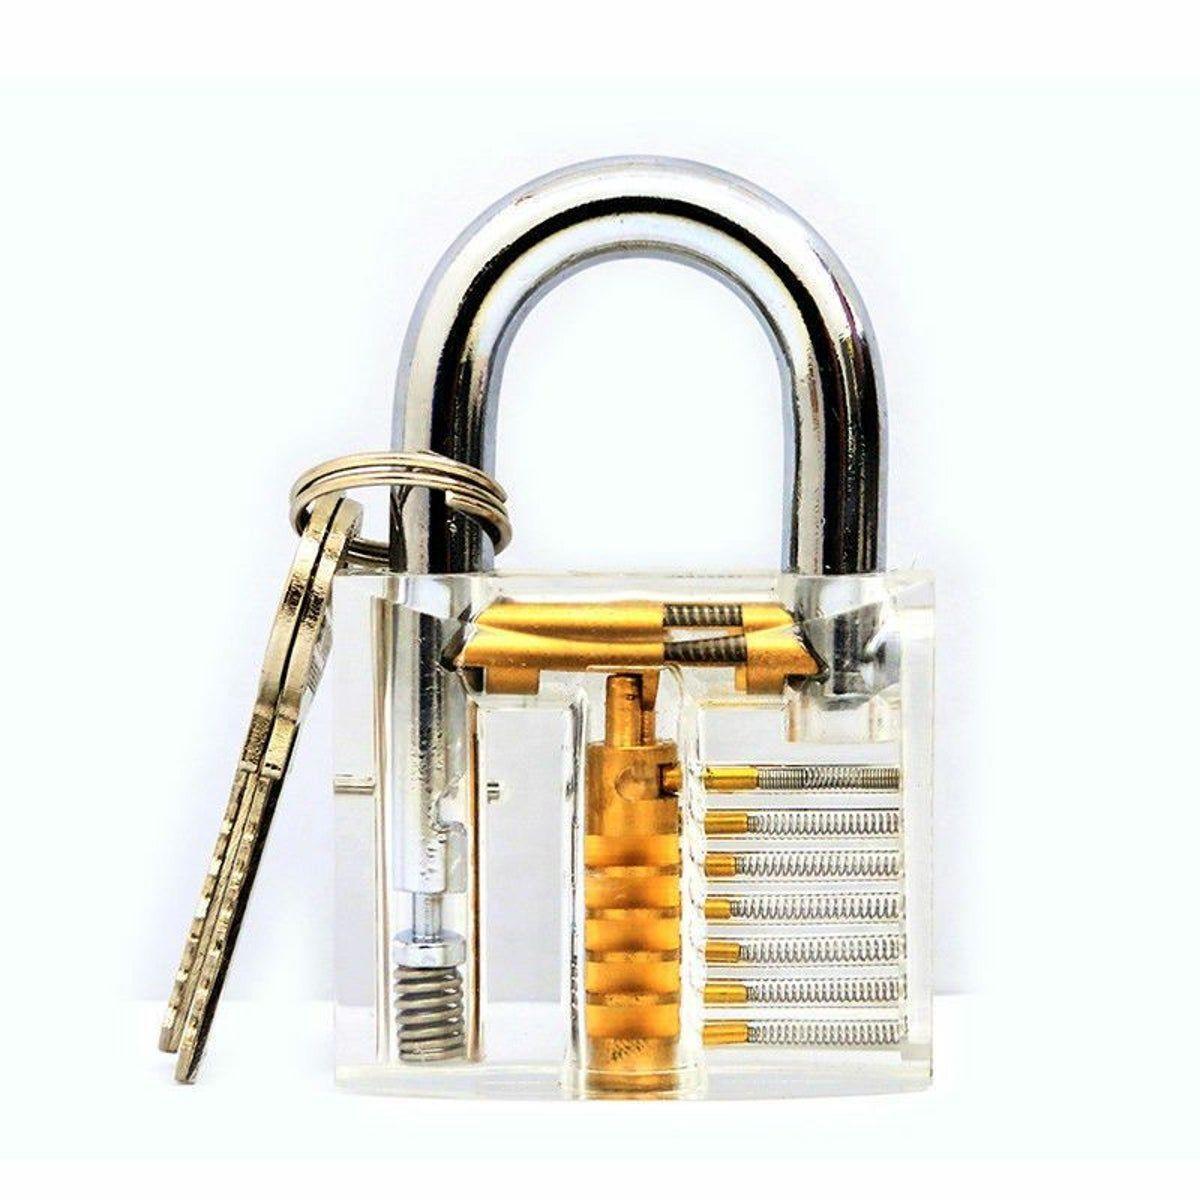 Practical Hunting Locking Gate Lock Gadgets Shan